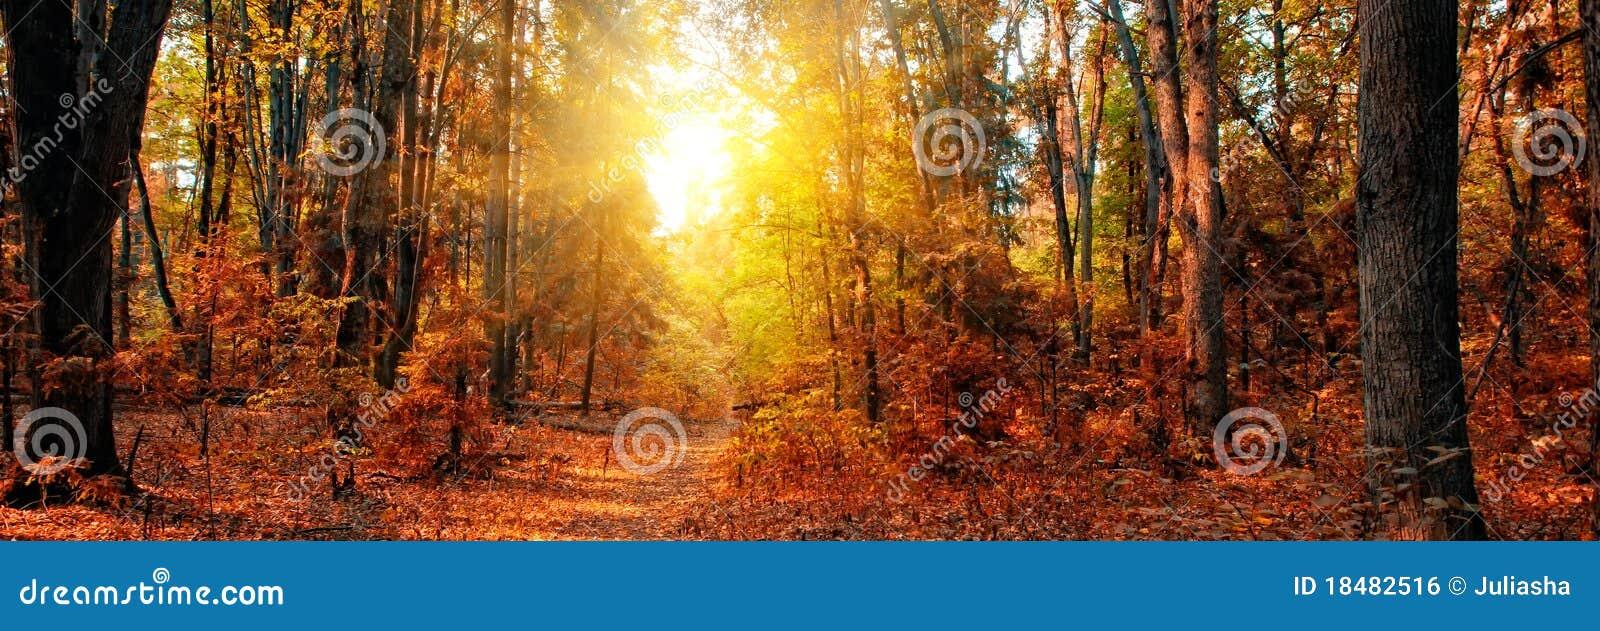 Panorama del bosque del otoño